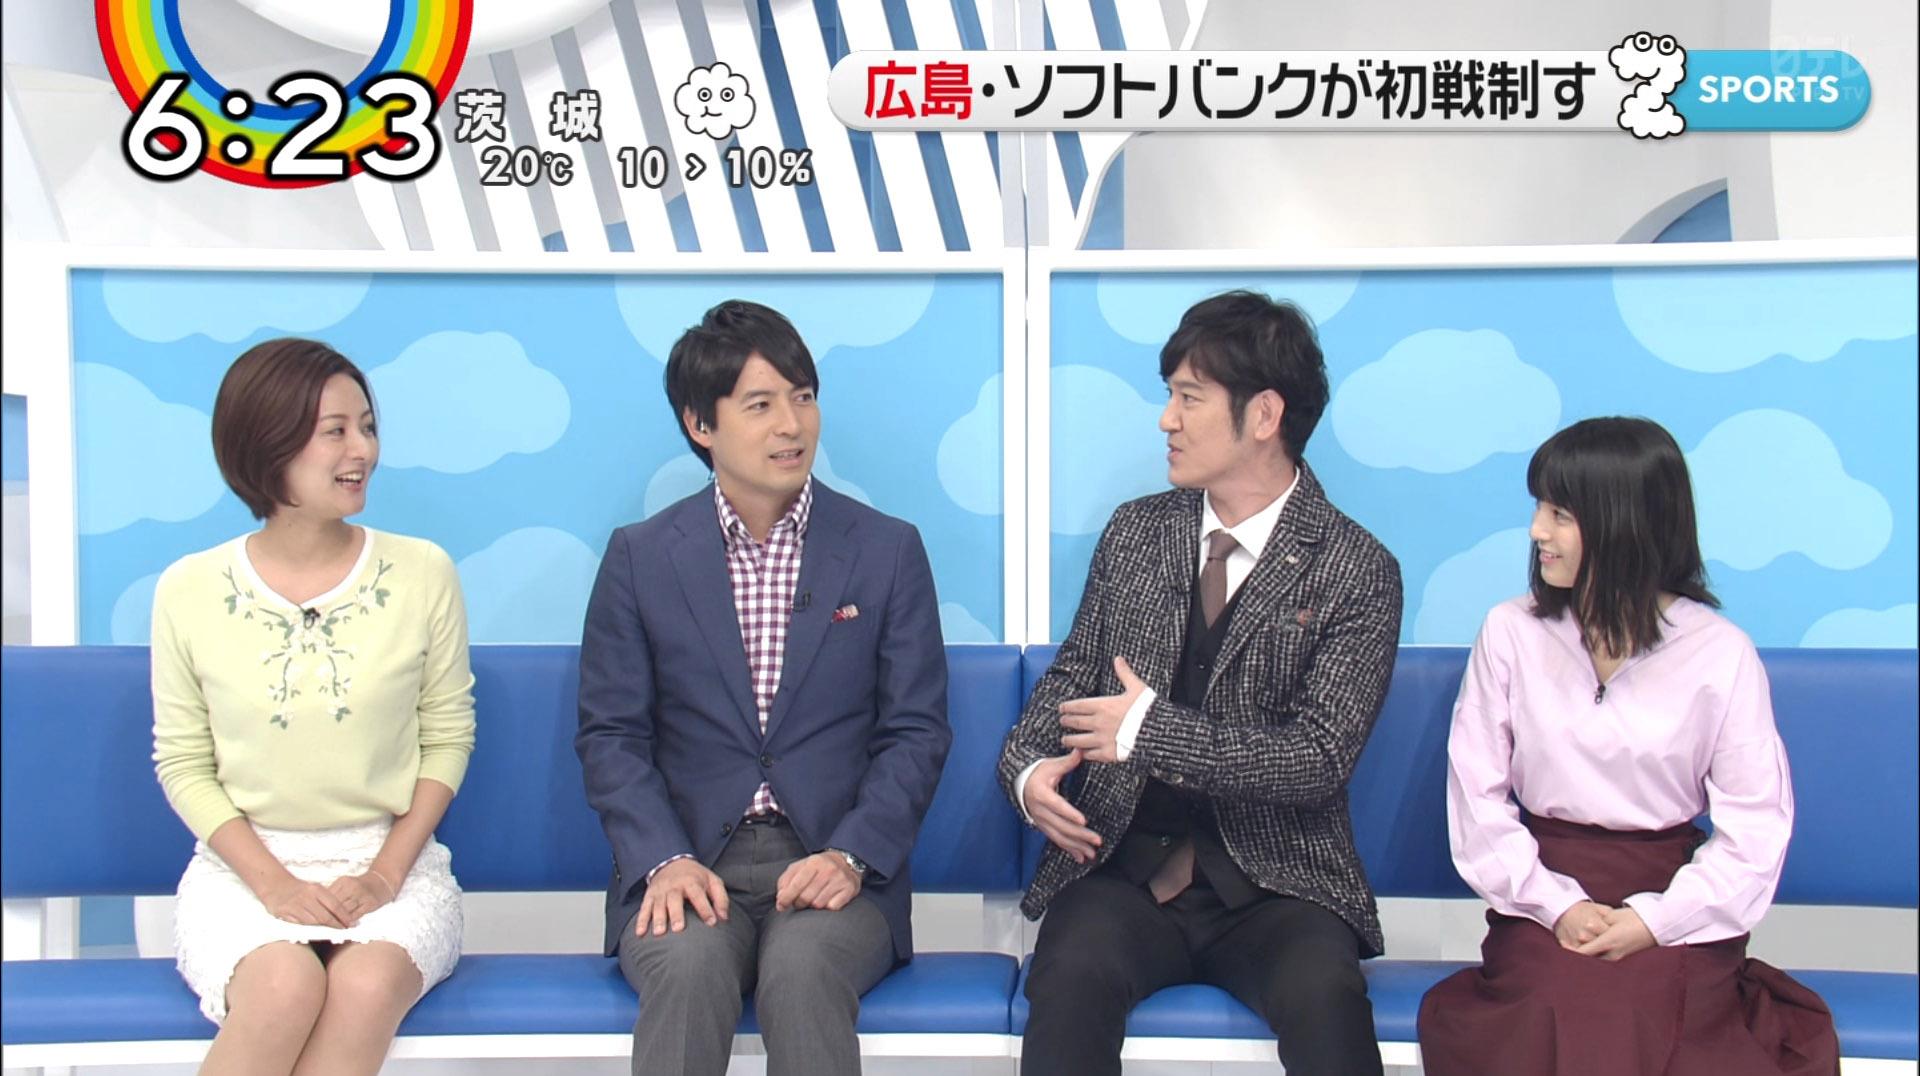 徳島えりかアナが「ZIP!」でパンチラ!!!